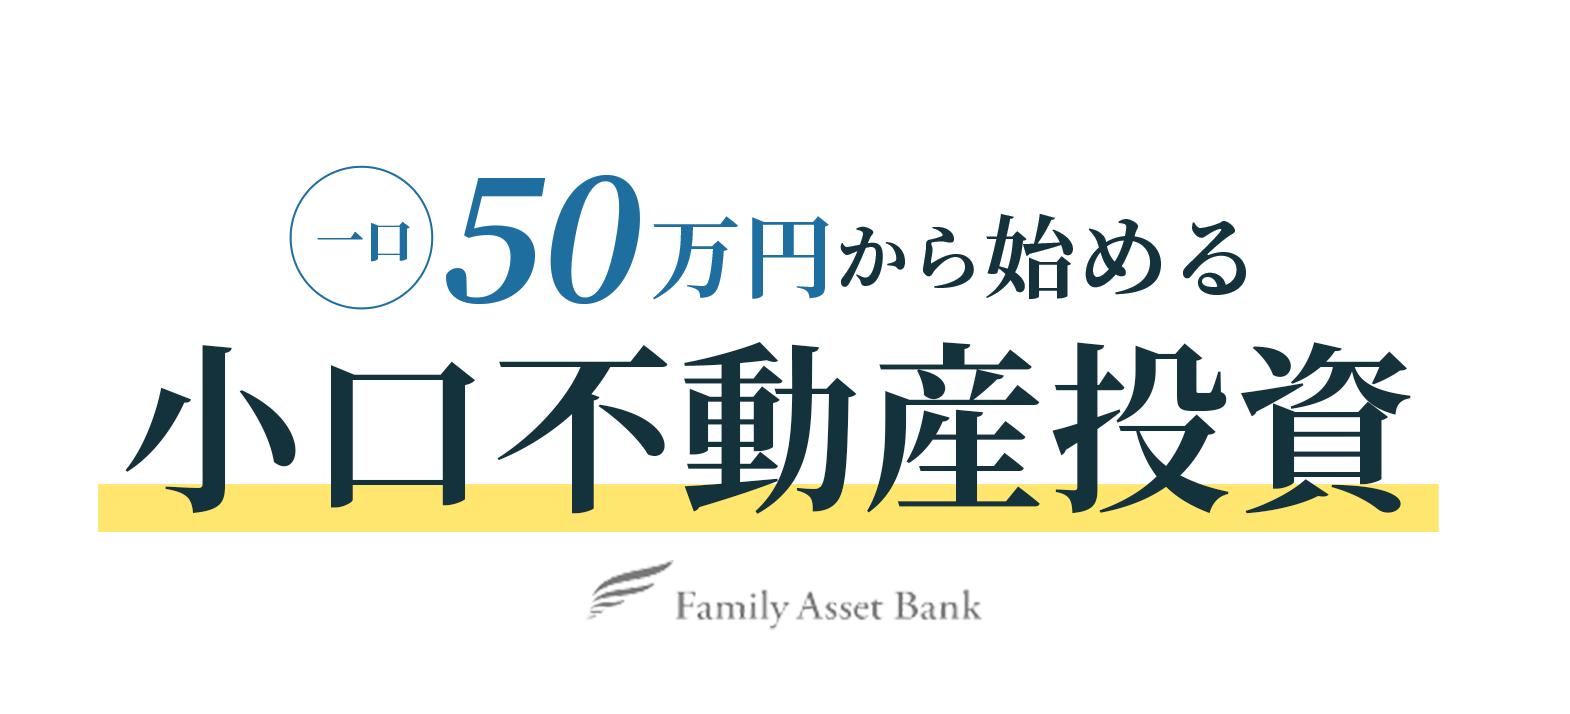 1口50万円から始める小口不動産投資